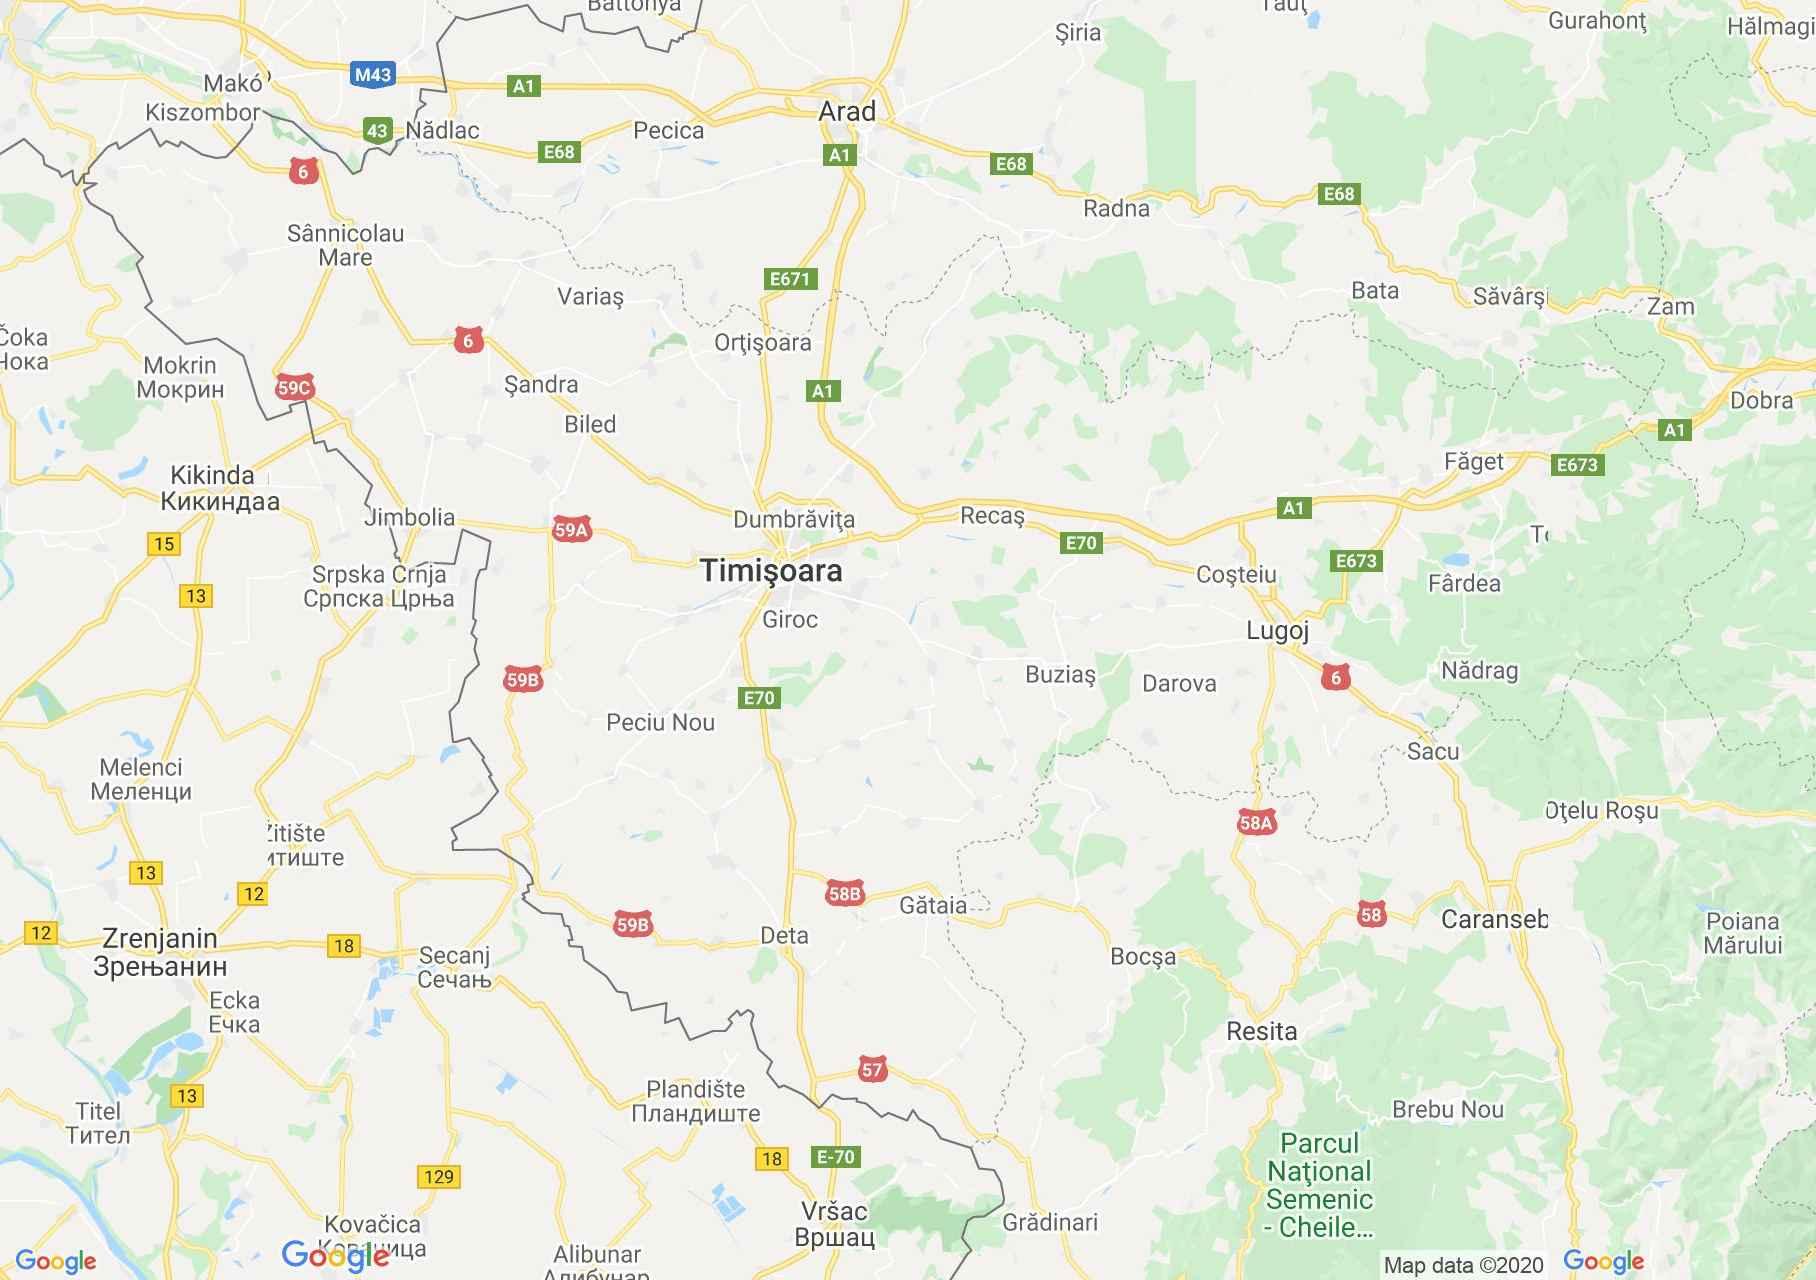 Judeţul Timiş: (Timişoara), Harta turistică interactivă